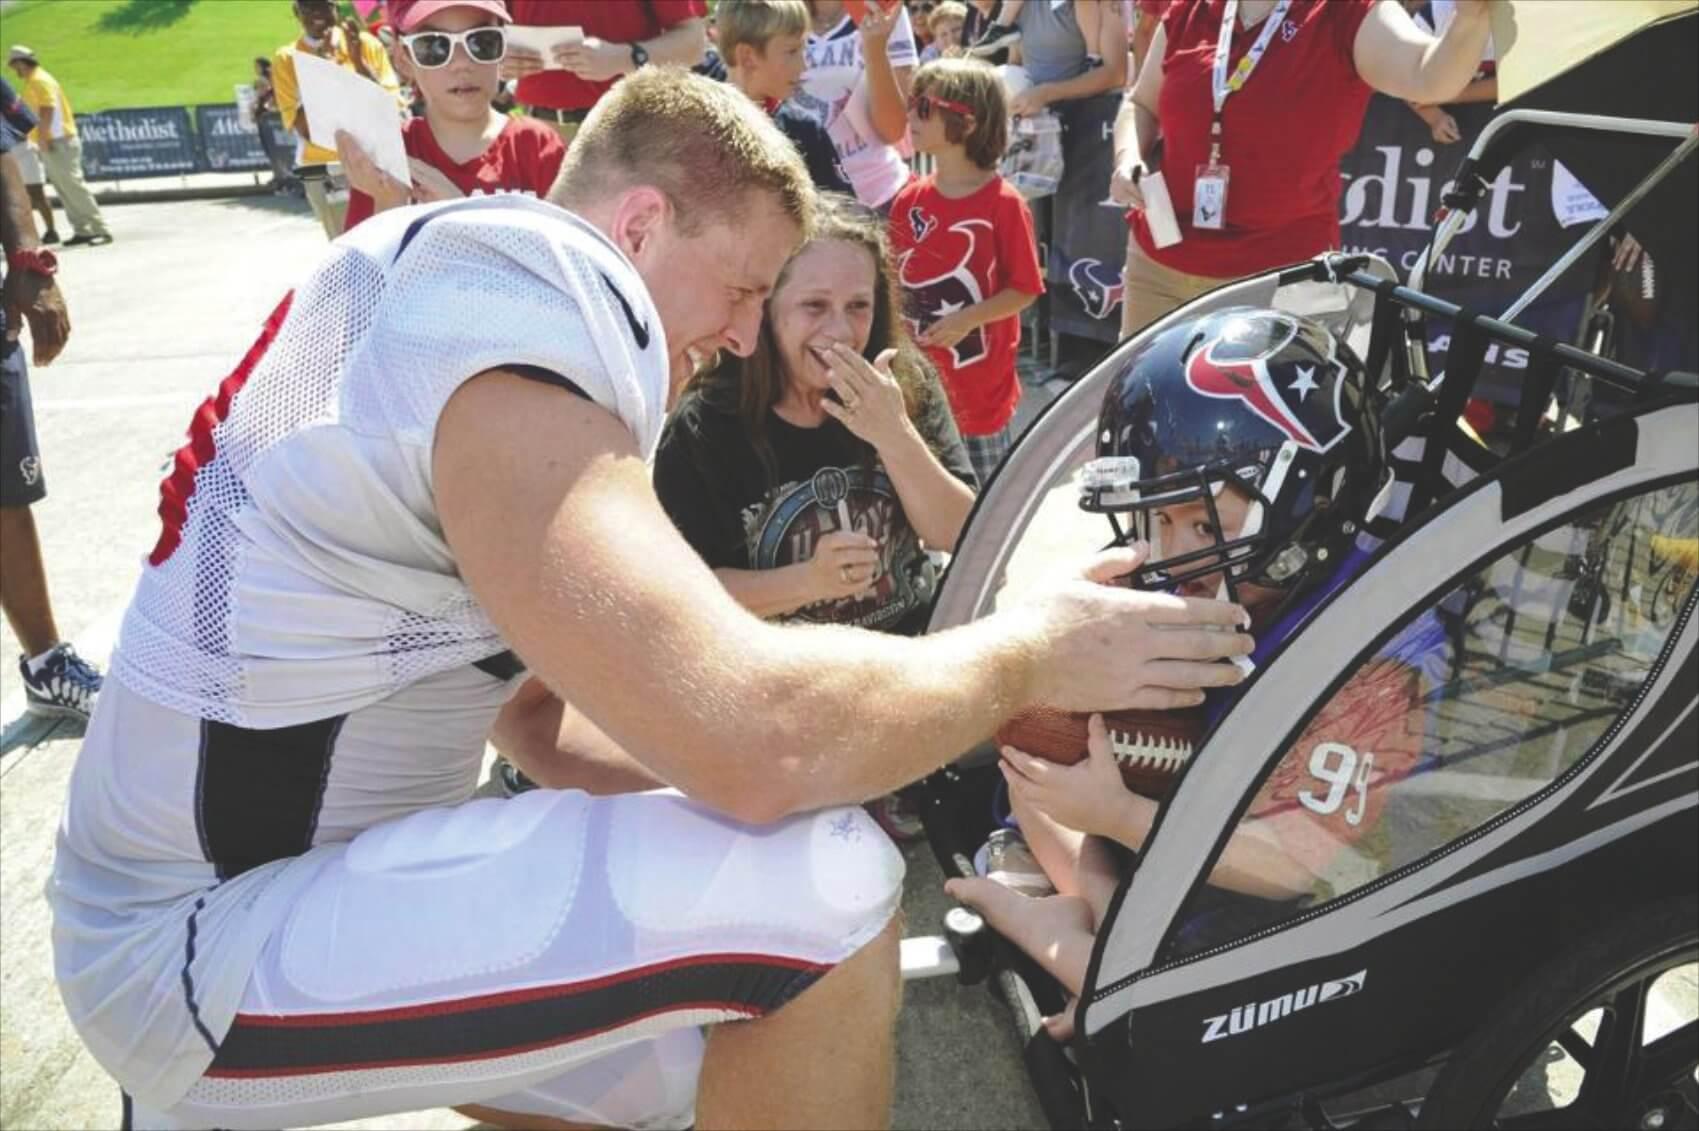 Izaiah meets Houston Texans defensive end J.J. Watt